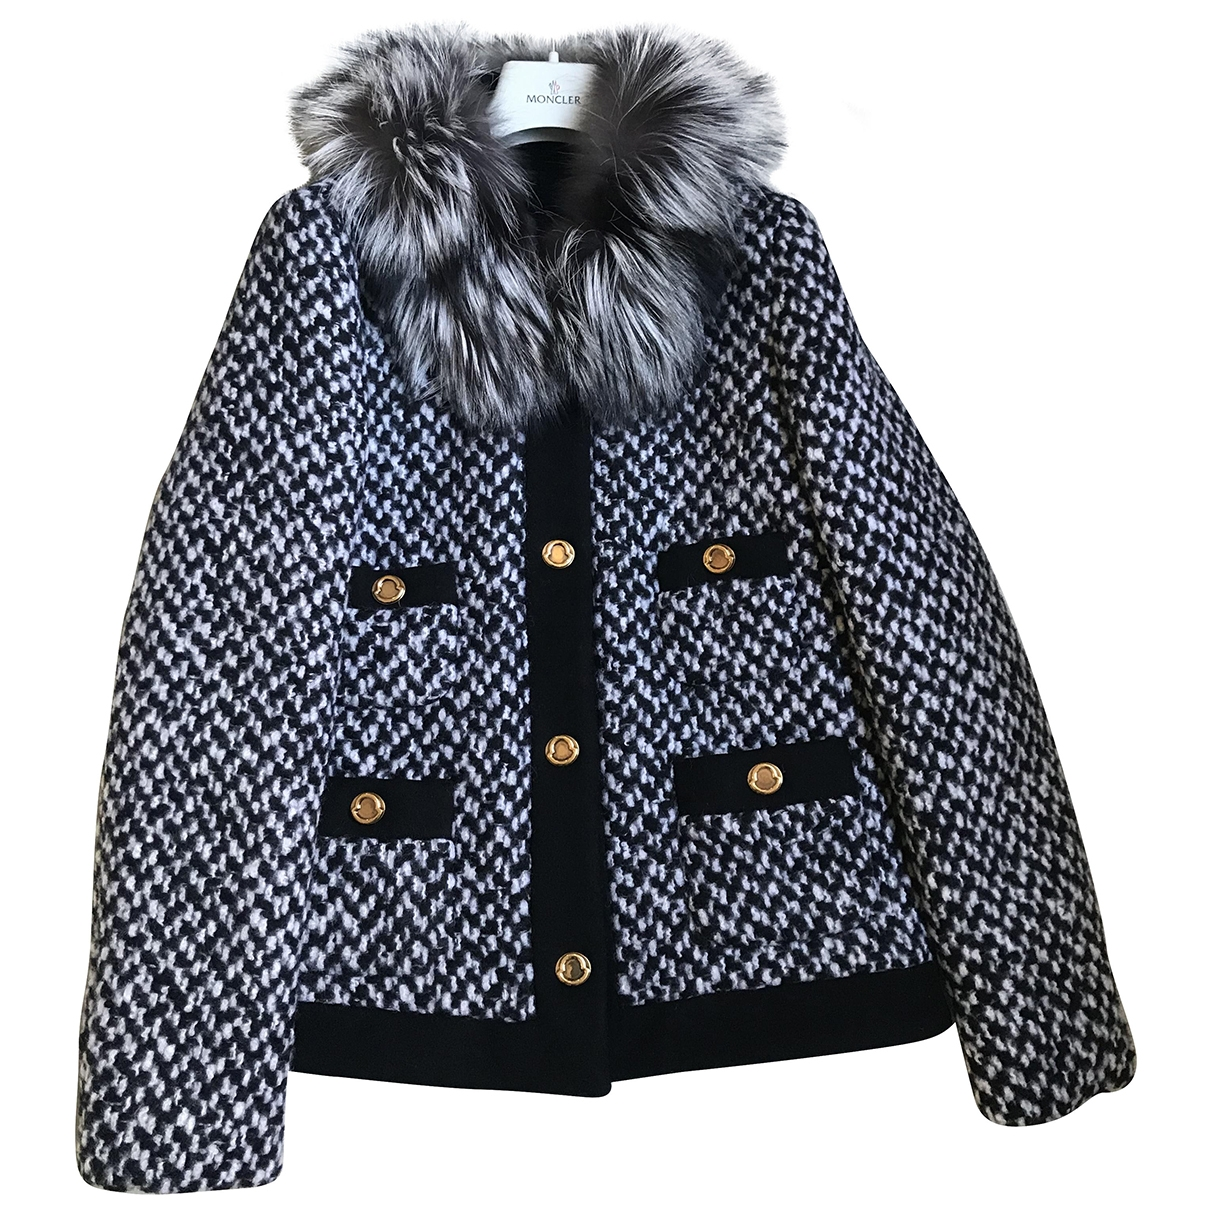 Moncler - Blouson   pour femme en laine - noir